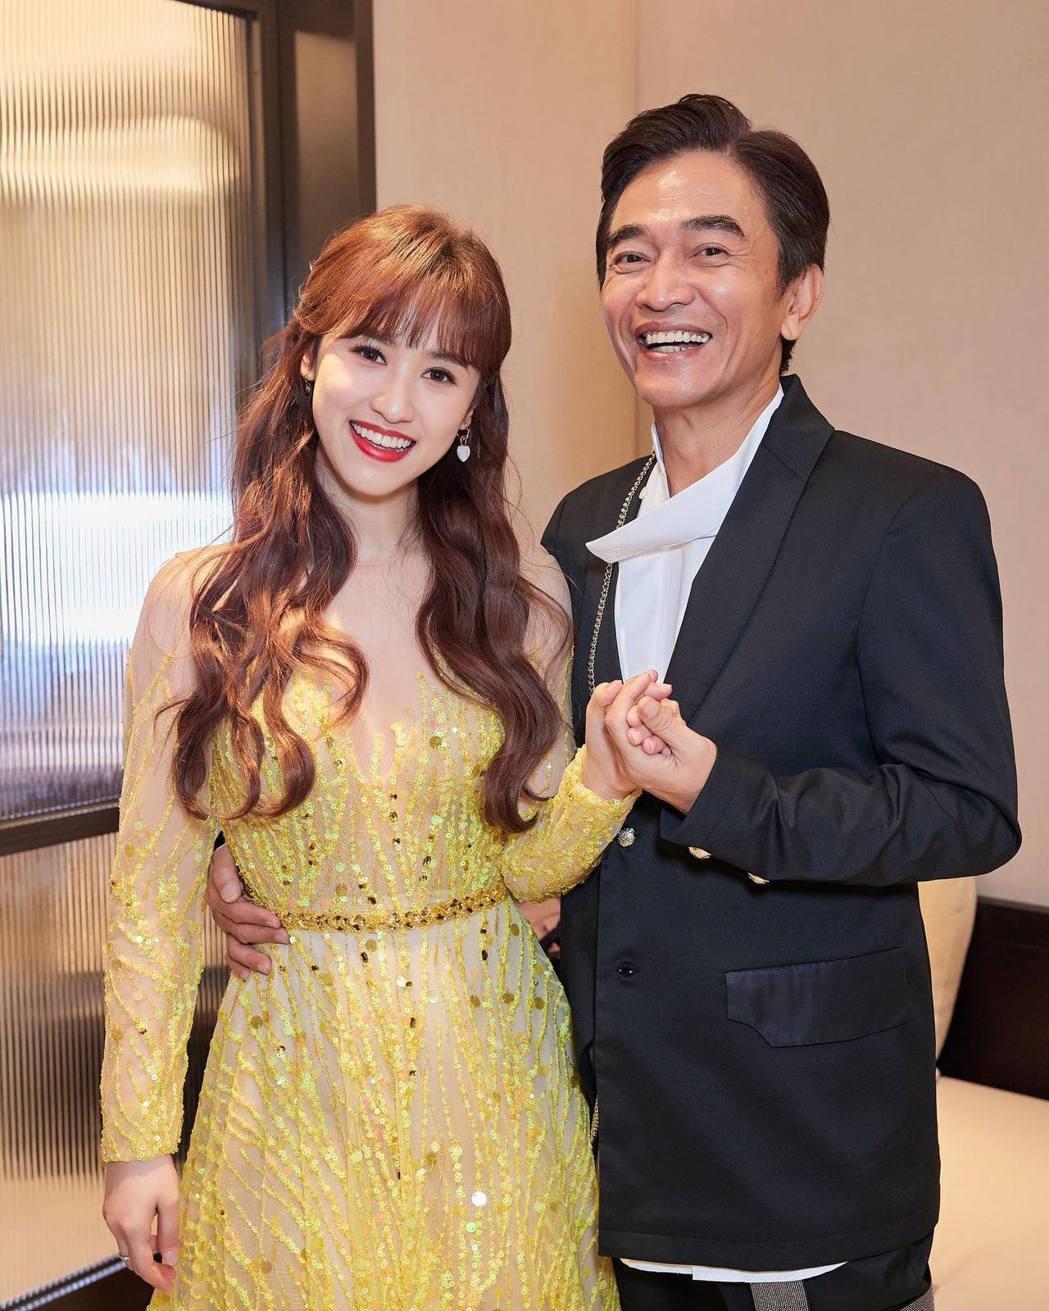 吳姍儒(右)傳出明年初也要結婚了。圖/摘自臉書